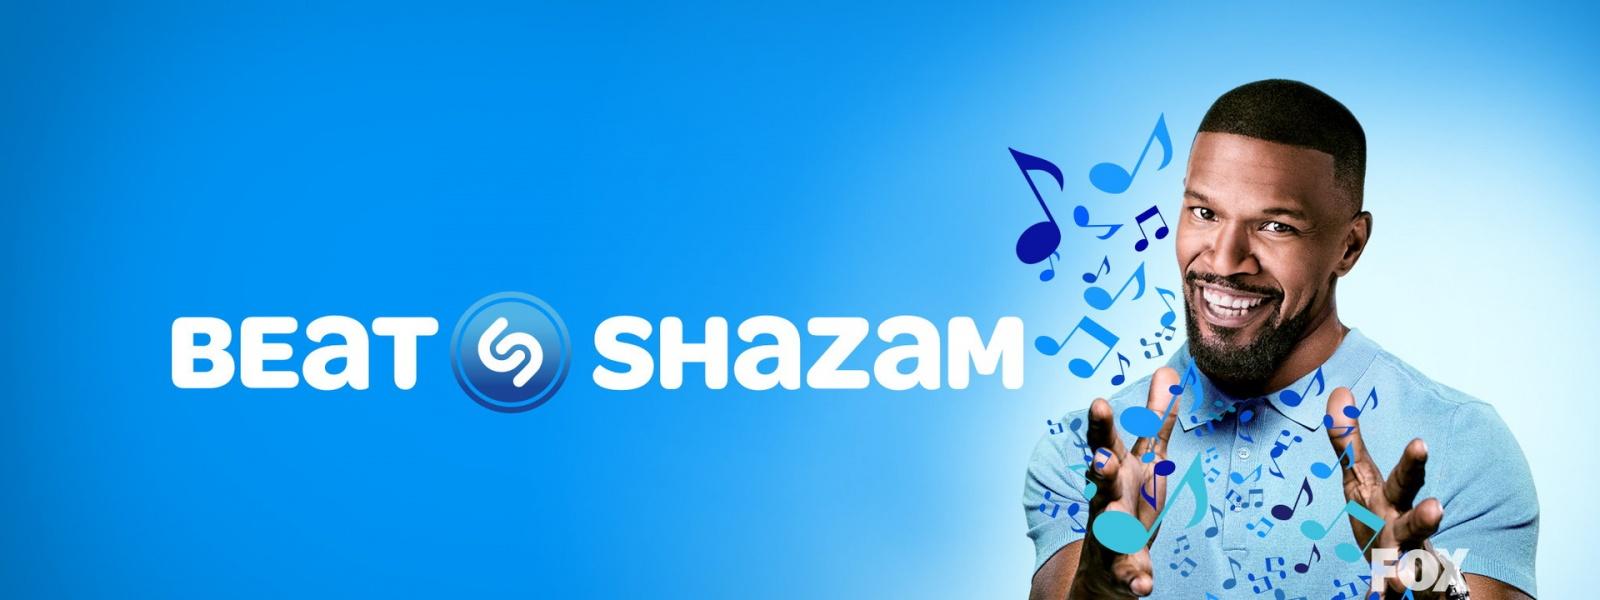 Интервью с Джошем Патриджем (Shazam) про маркетинг, бизнес, стратегию и новые продукты - 3